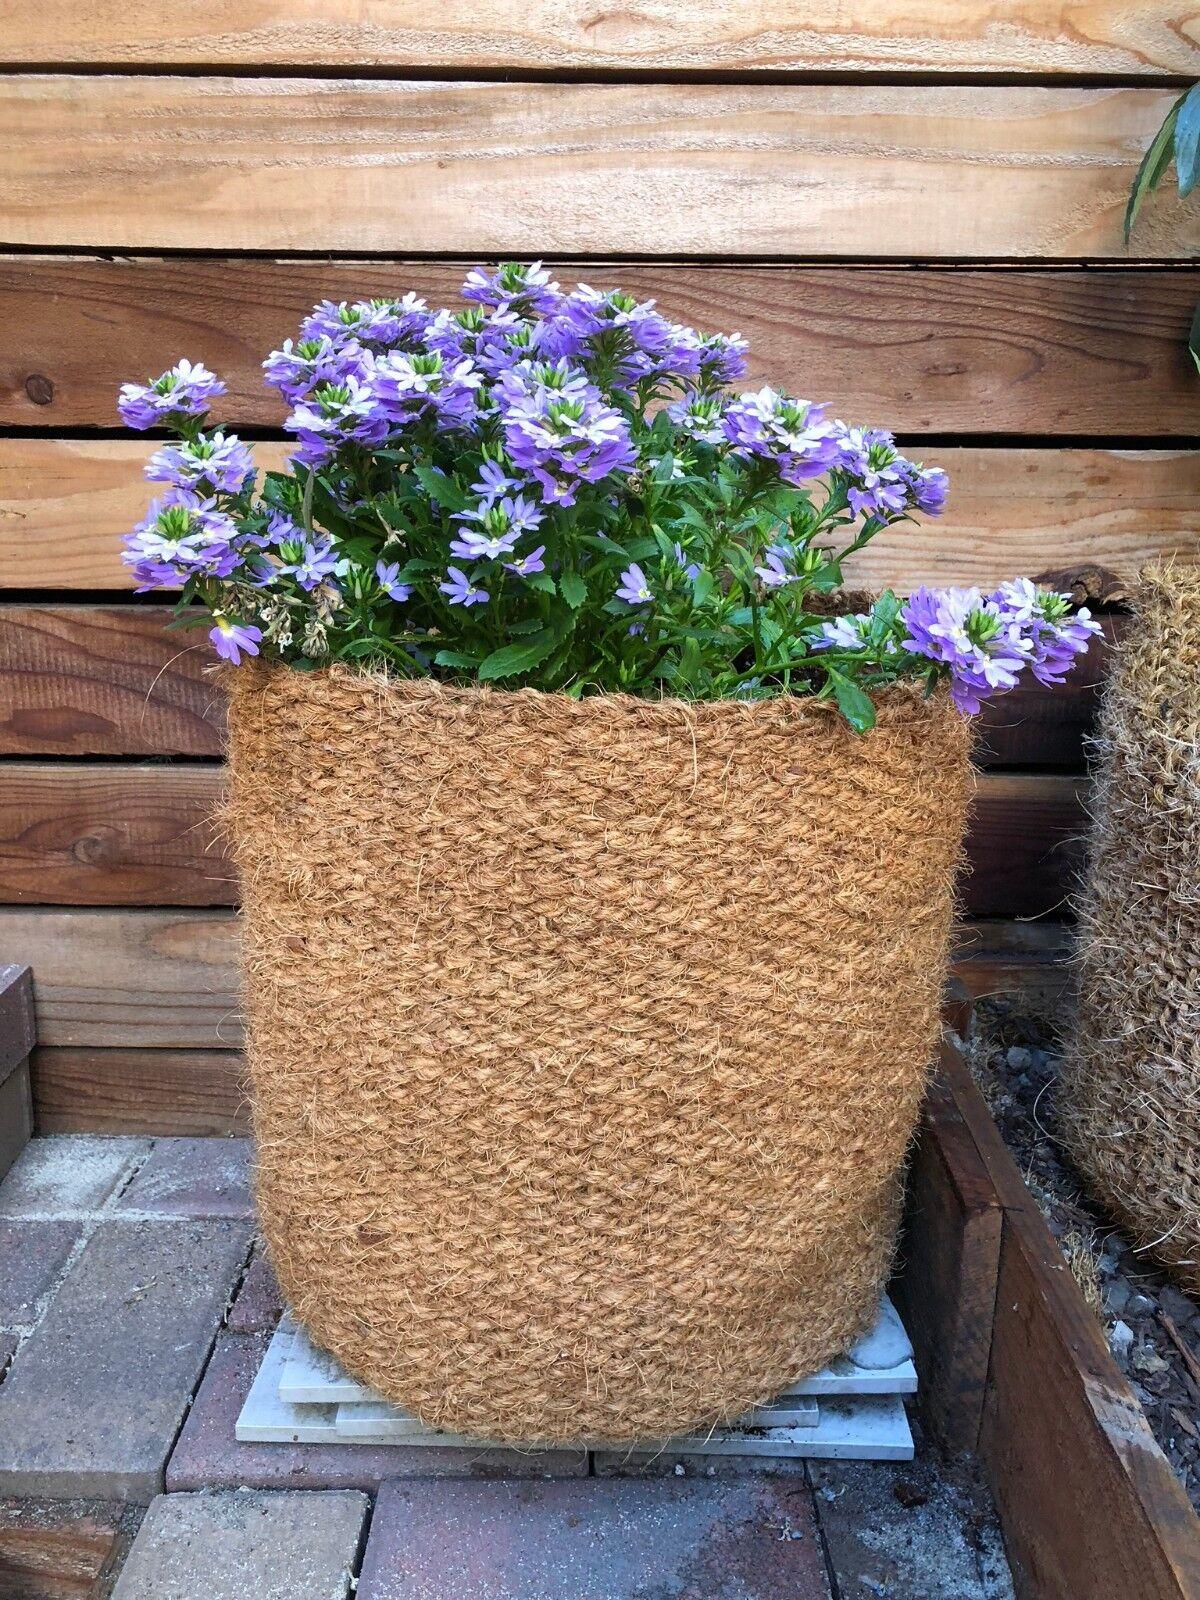 10 Gallon - CoirNet Garden pot made of woven natural coco fiber - Pack of 5 pots